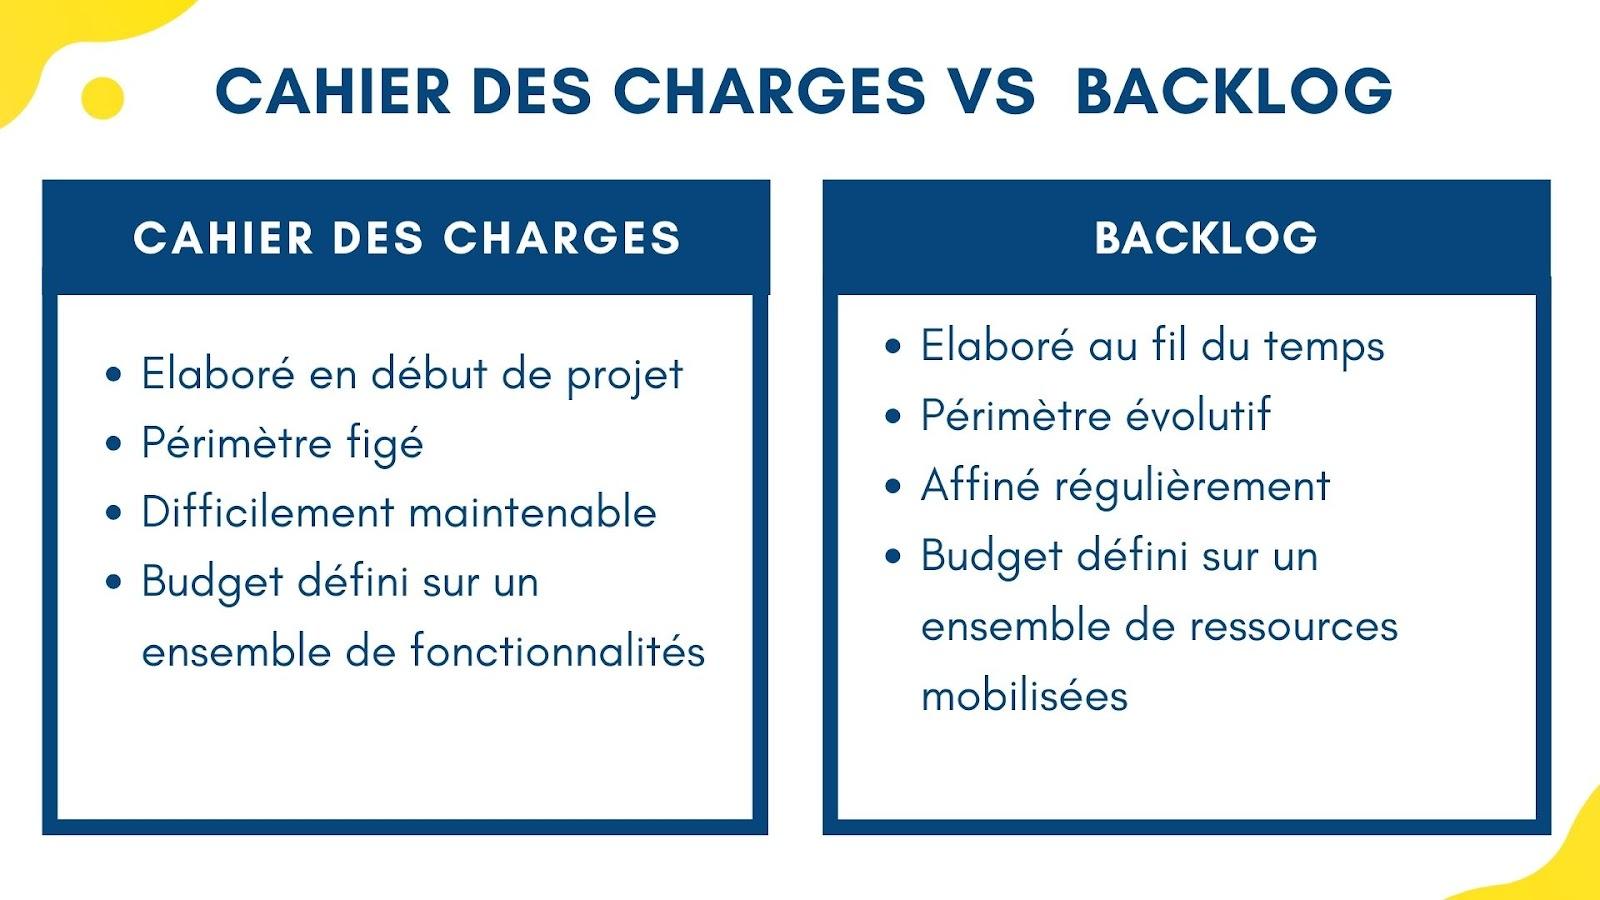 Cahier des charges versus backlog